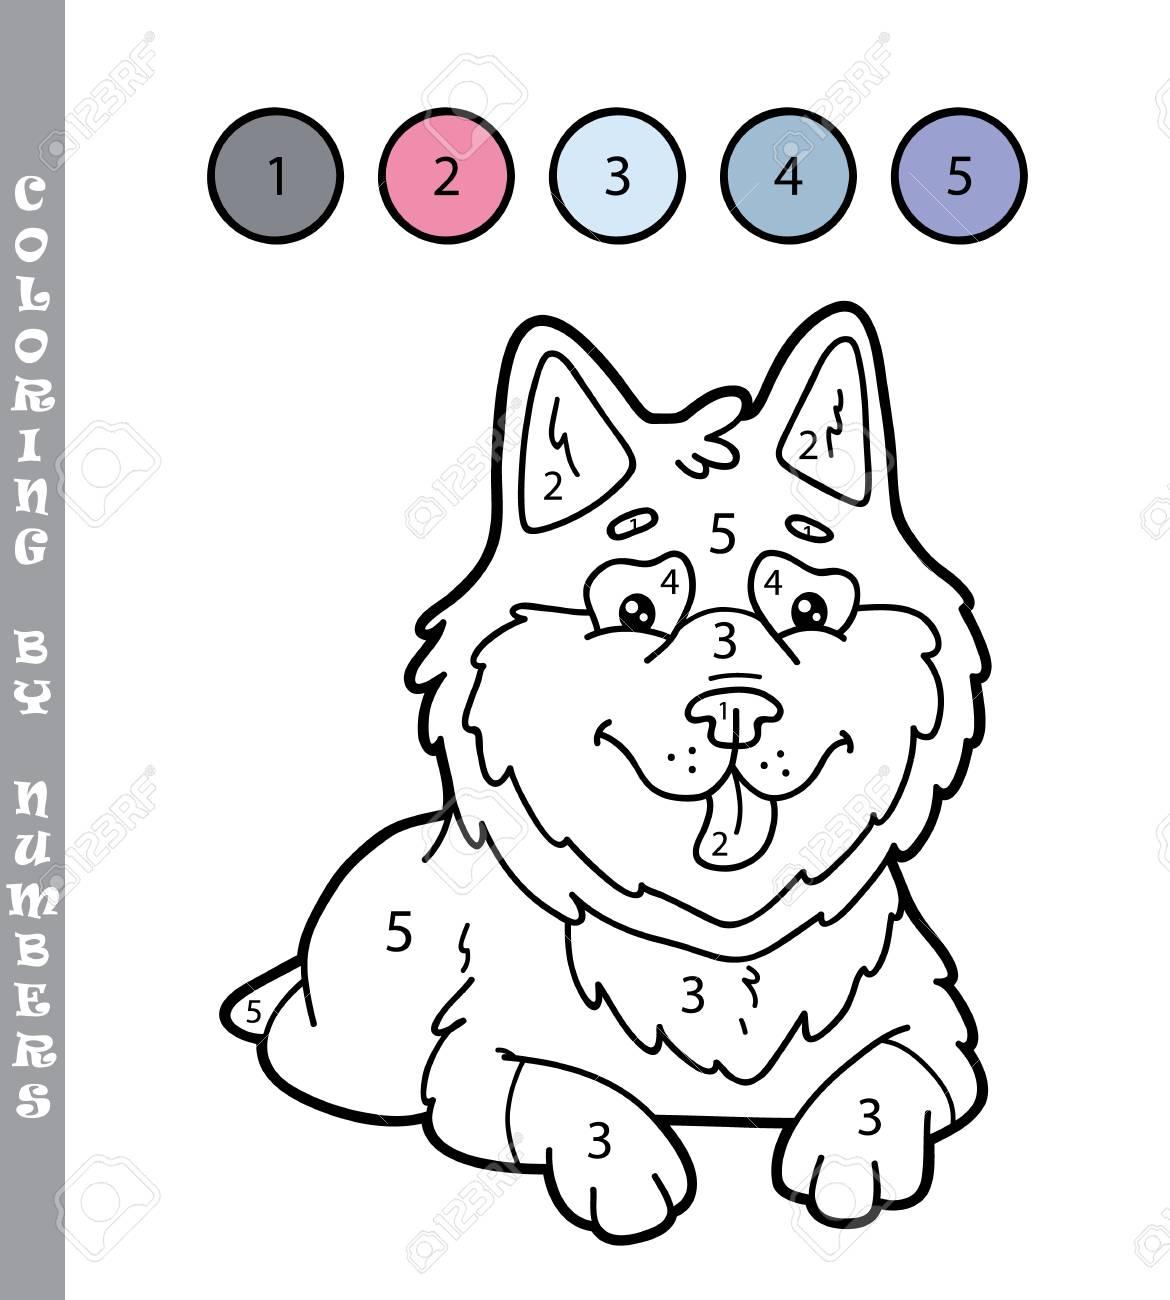 Ilustración Vectorial Para Colorear Por Números Juego Educativo Con Dibujos Animados